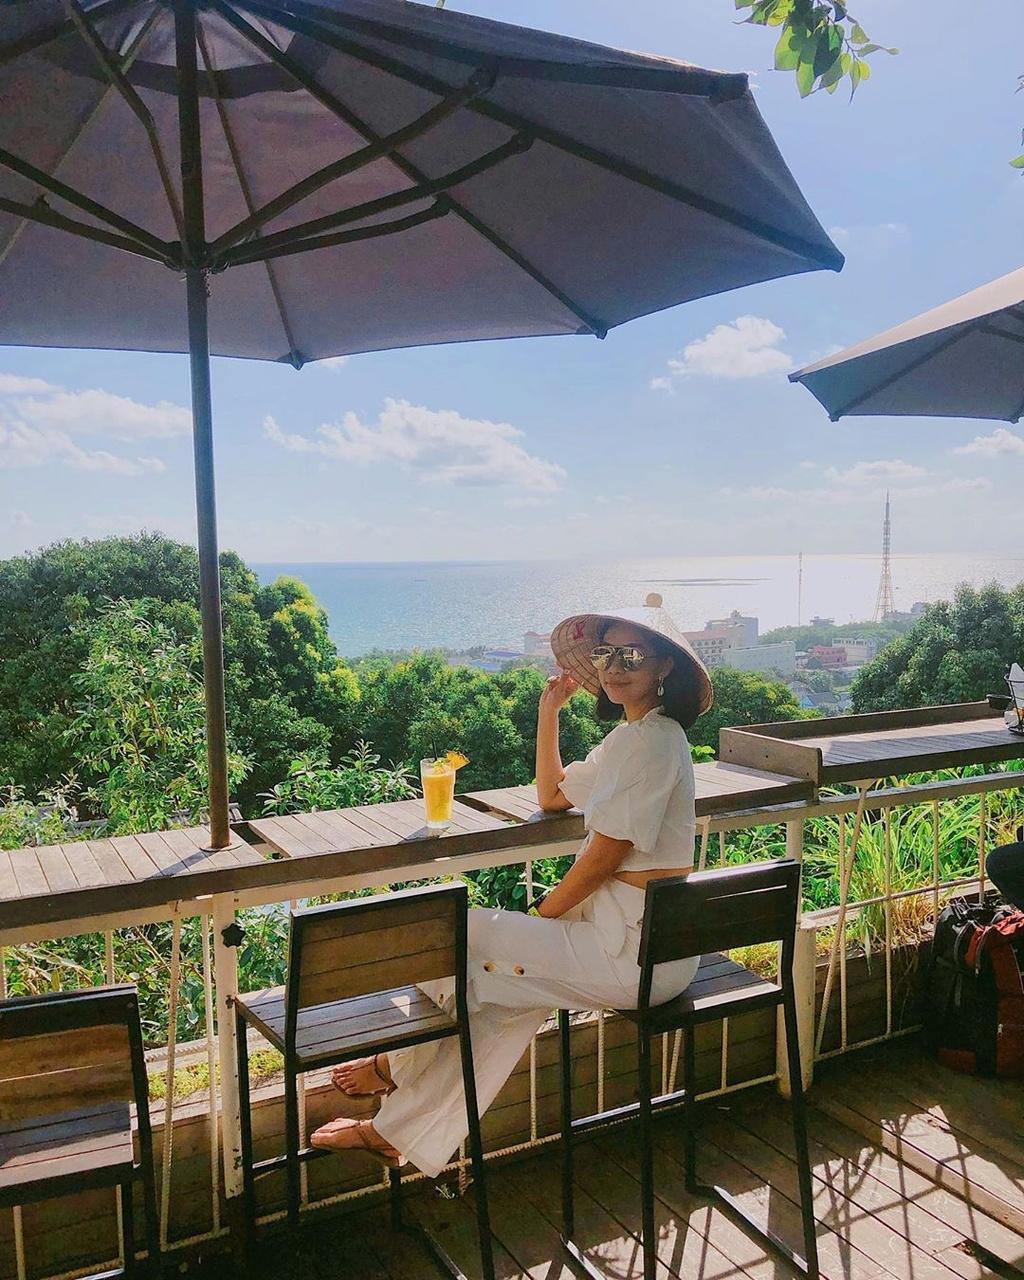 Chill het nac tai 4 diem ca phe view bien tuyet dep o Phu Quoc hinh anh 18  - _chewlu__ - Chill hết nấc tại 4 điểm cà phê view biển tuyệt đẹp ở Phú Quốc